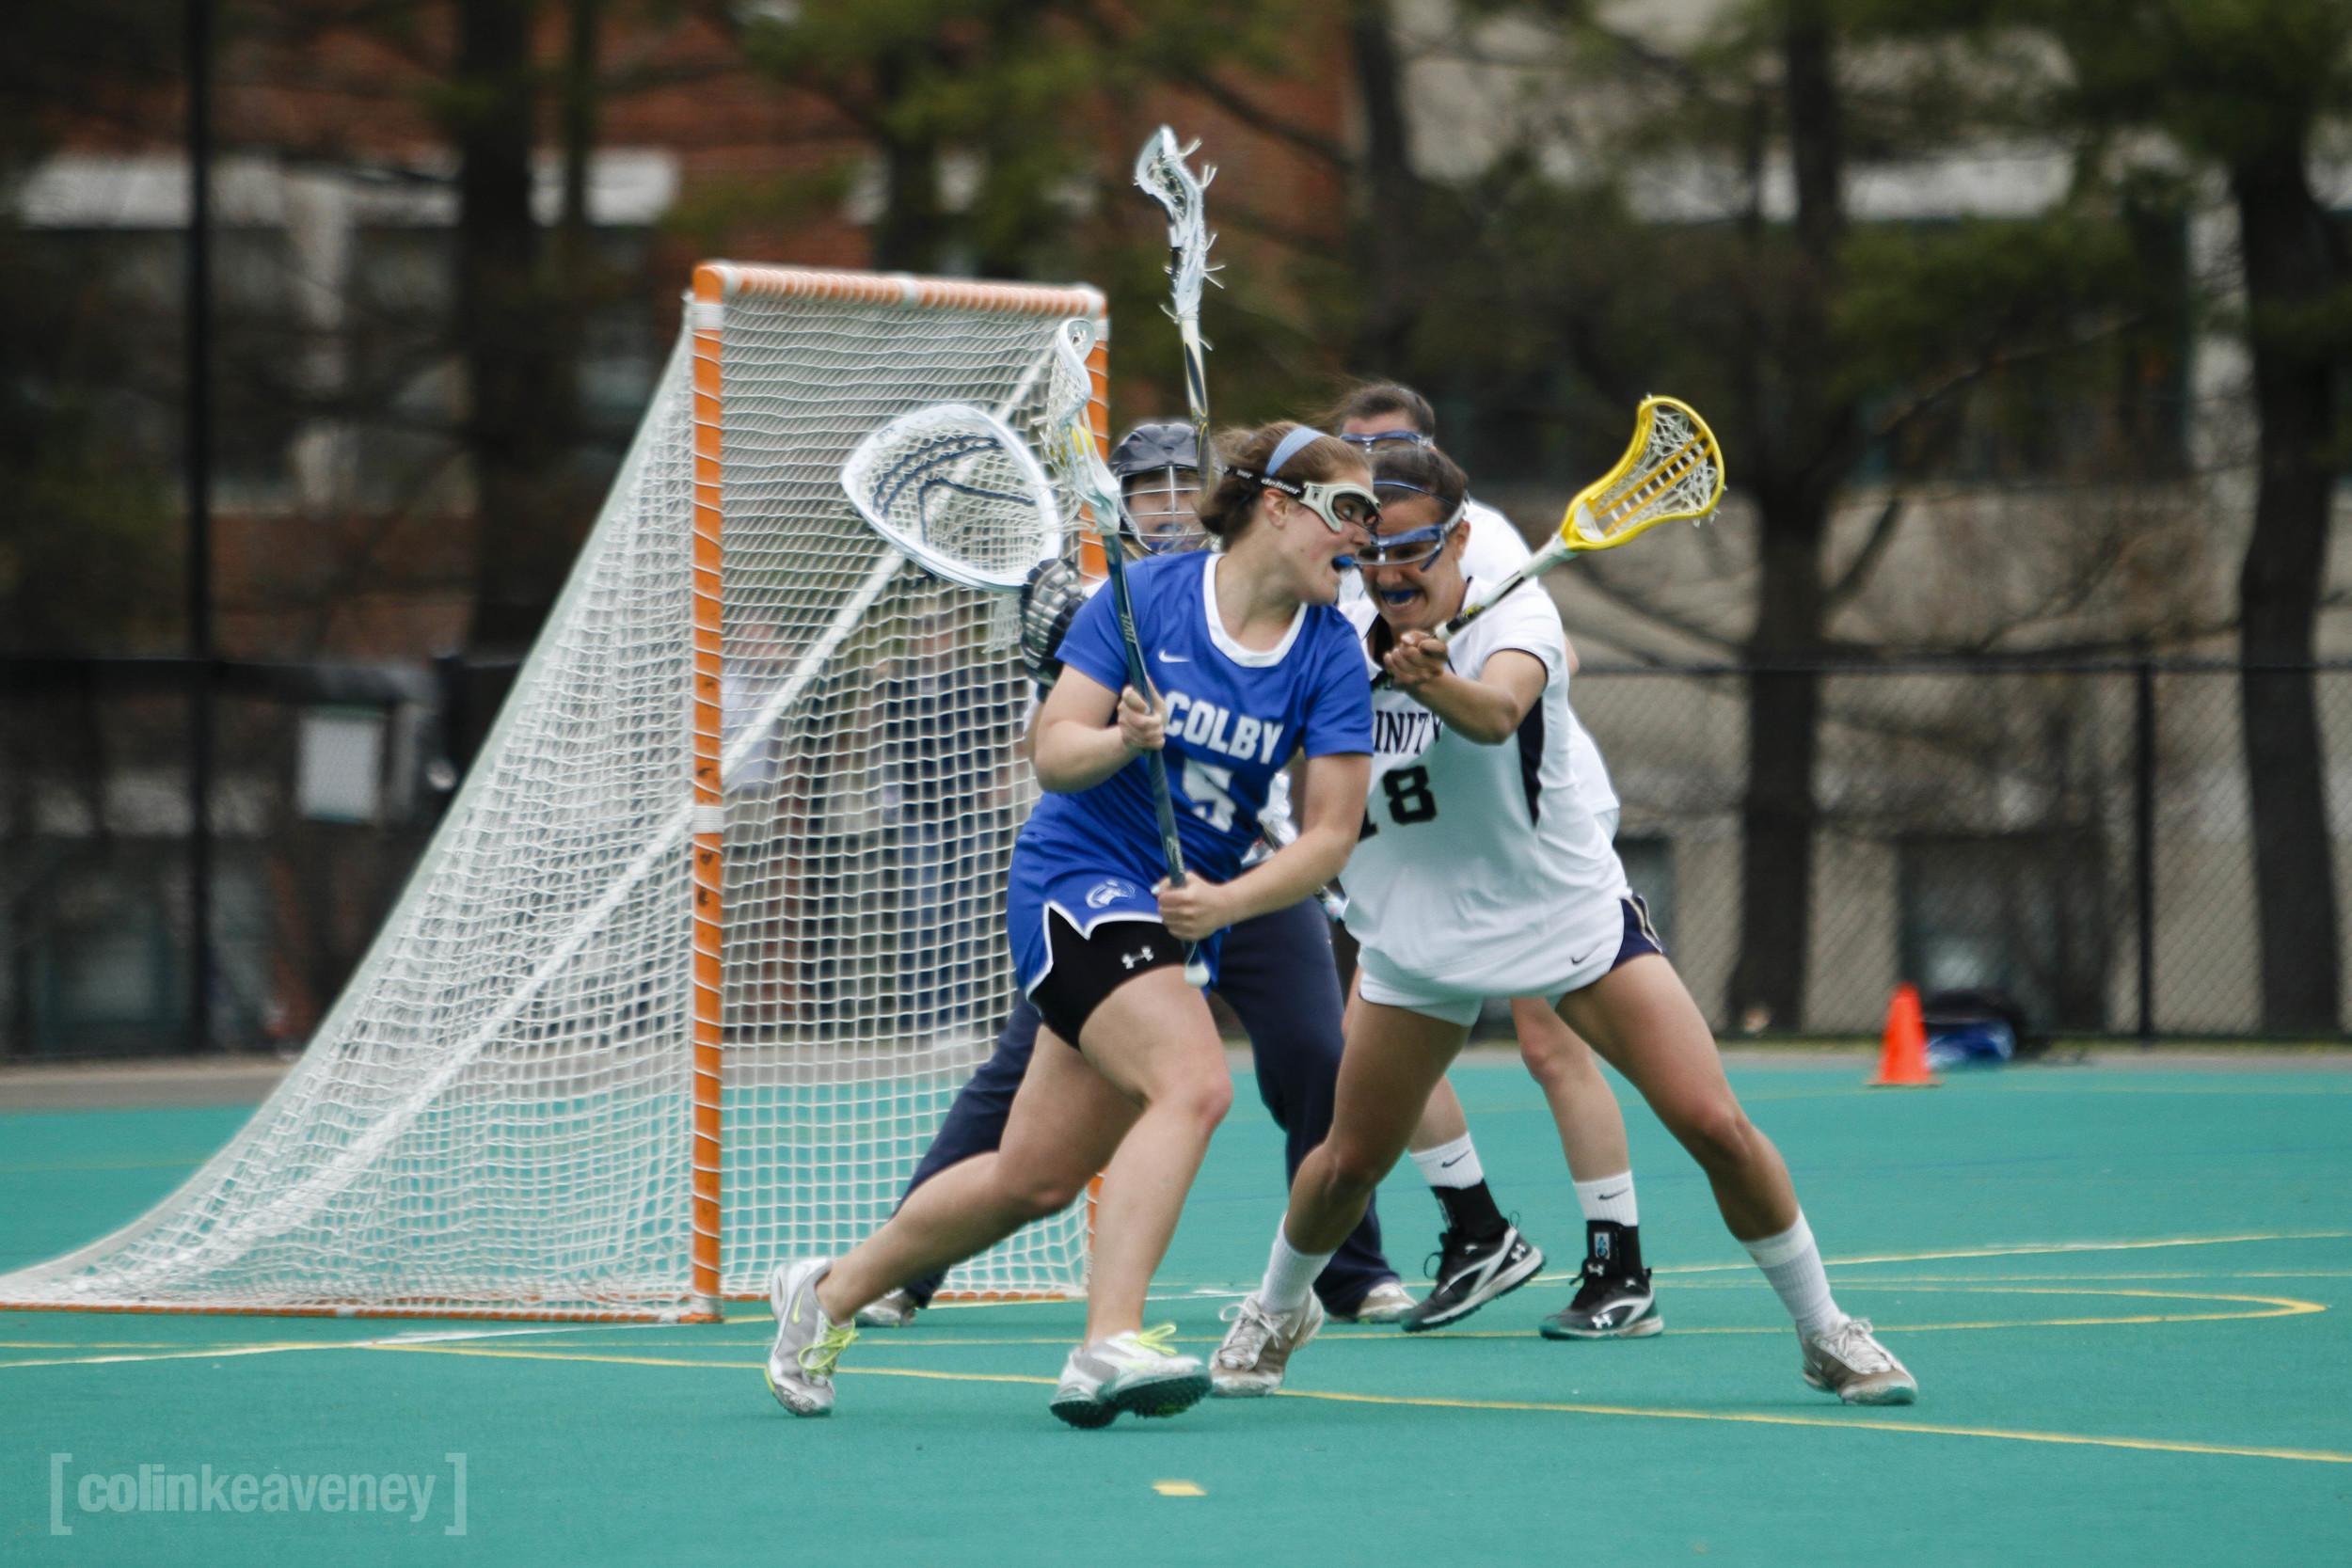 COLBY_lacrosse-77.jpg